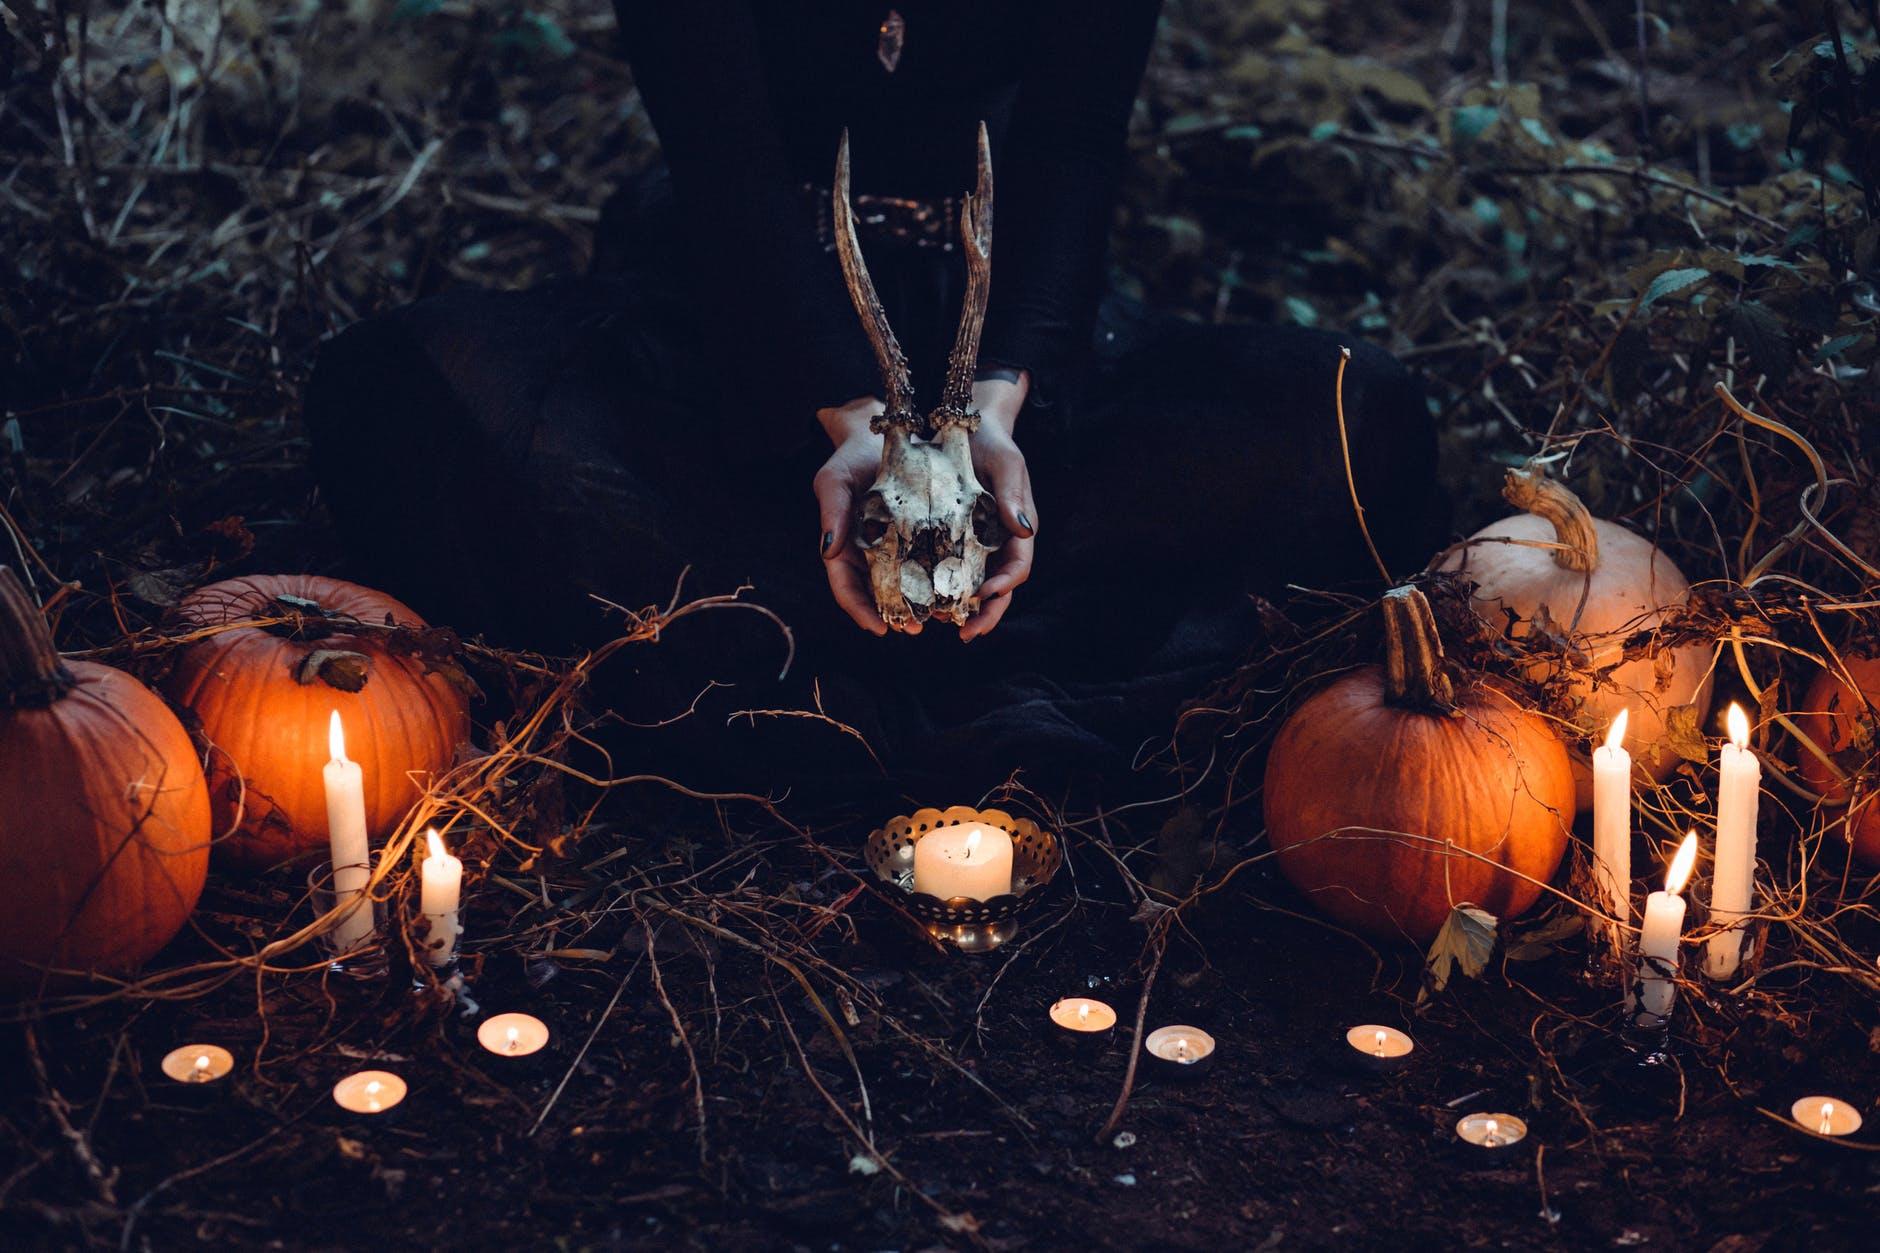 bruejeria con calabazas, velas y un craneo de un animal